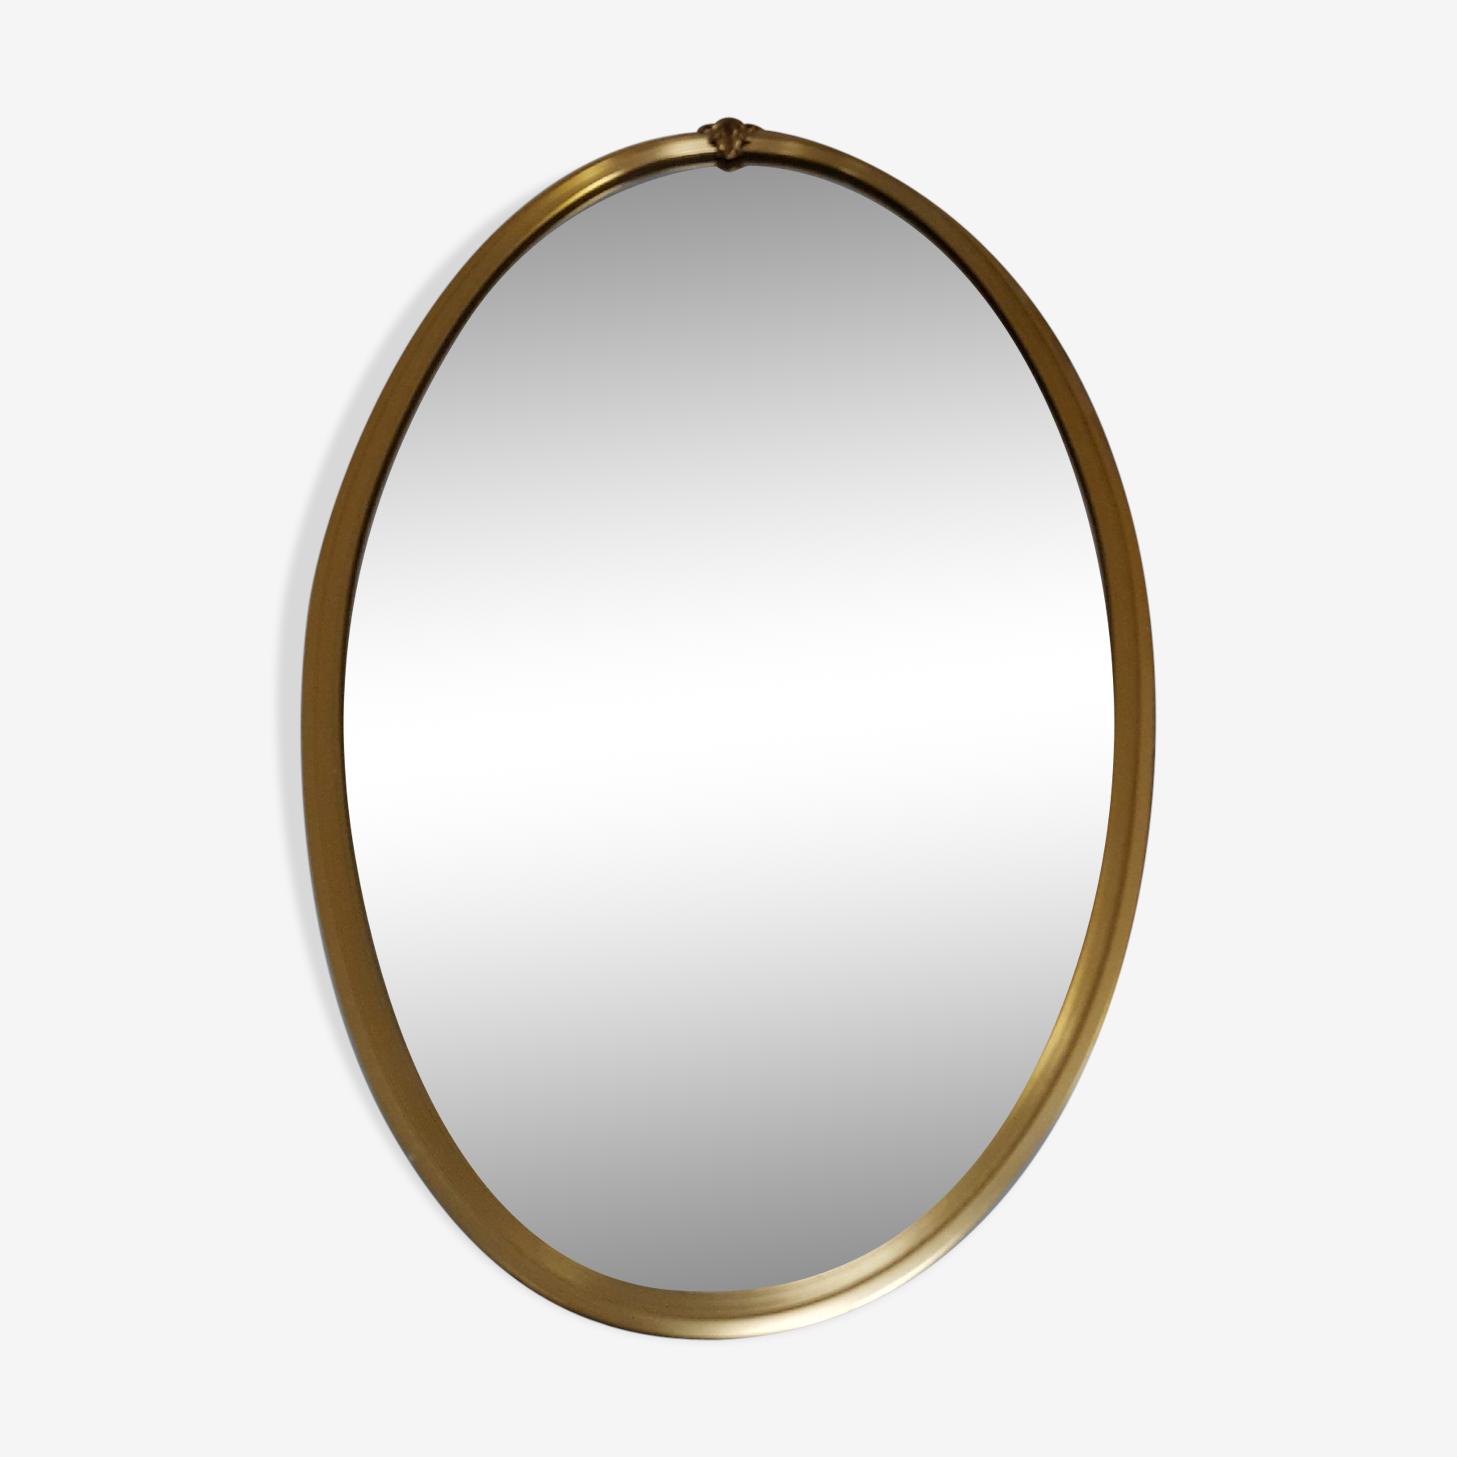 Miroir oval doré 63x37cm